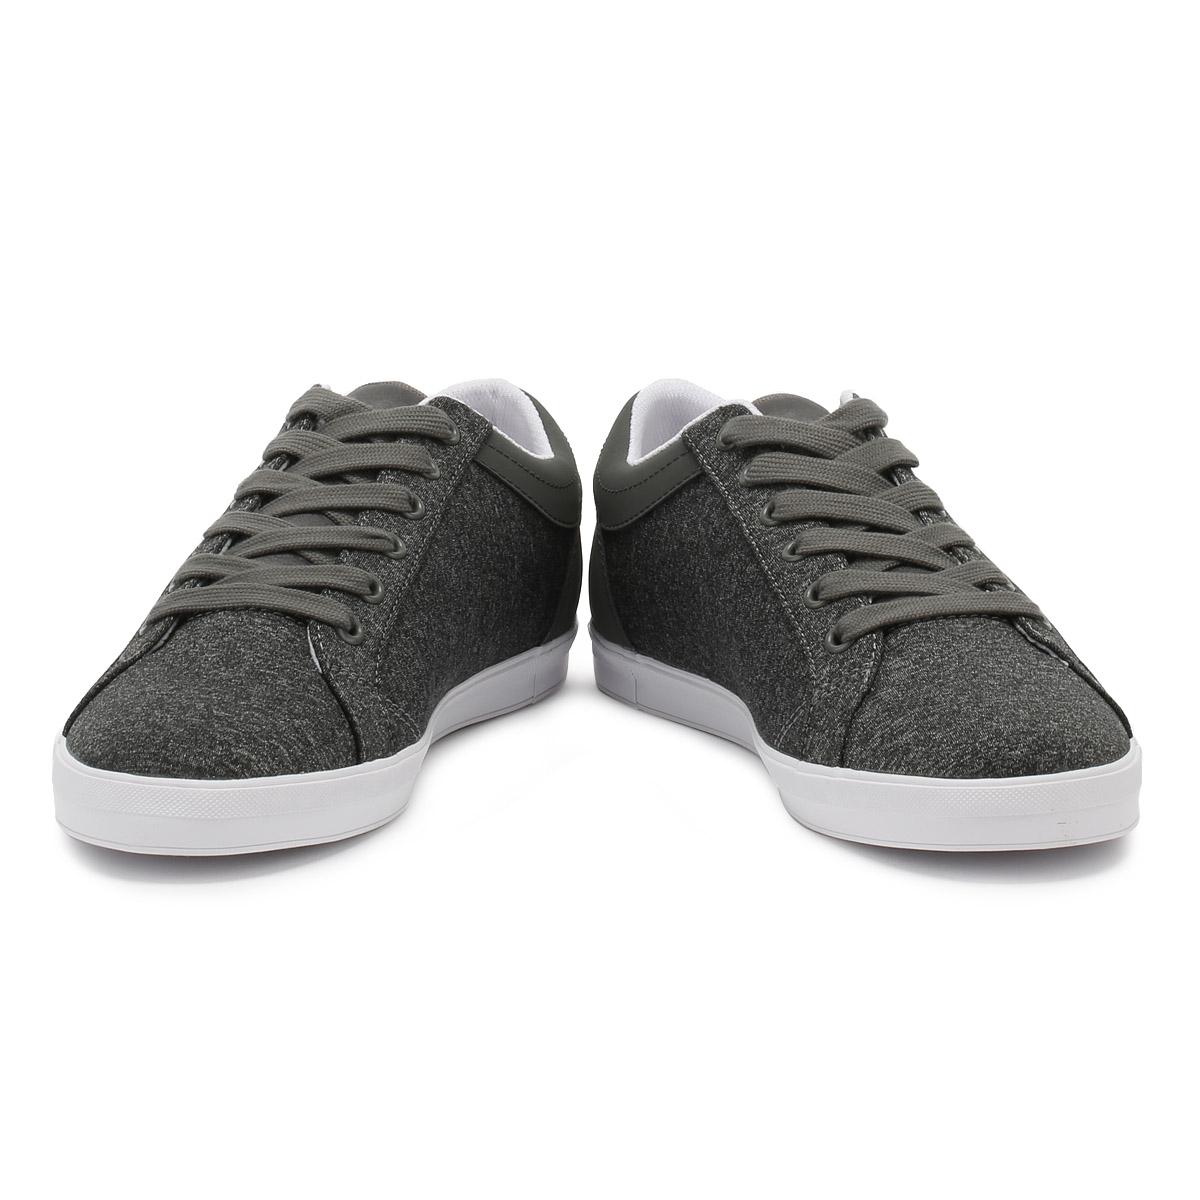 Fred Fred Fred Perry Sneaker Uomo Falcon grigio screziato Stringati Baseline Sport Scarpe Casual 551a07